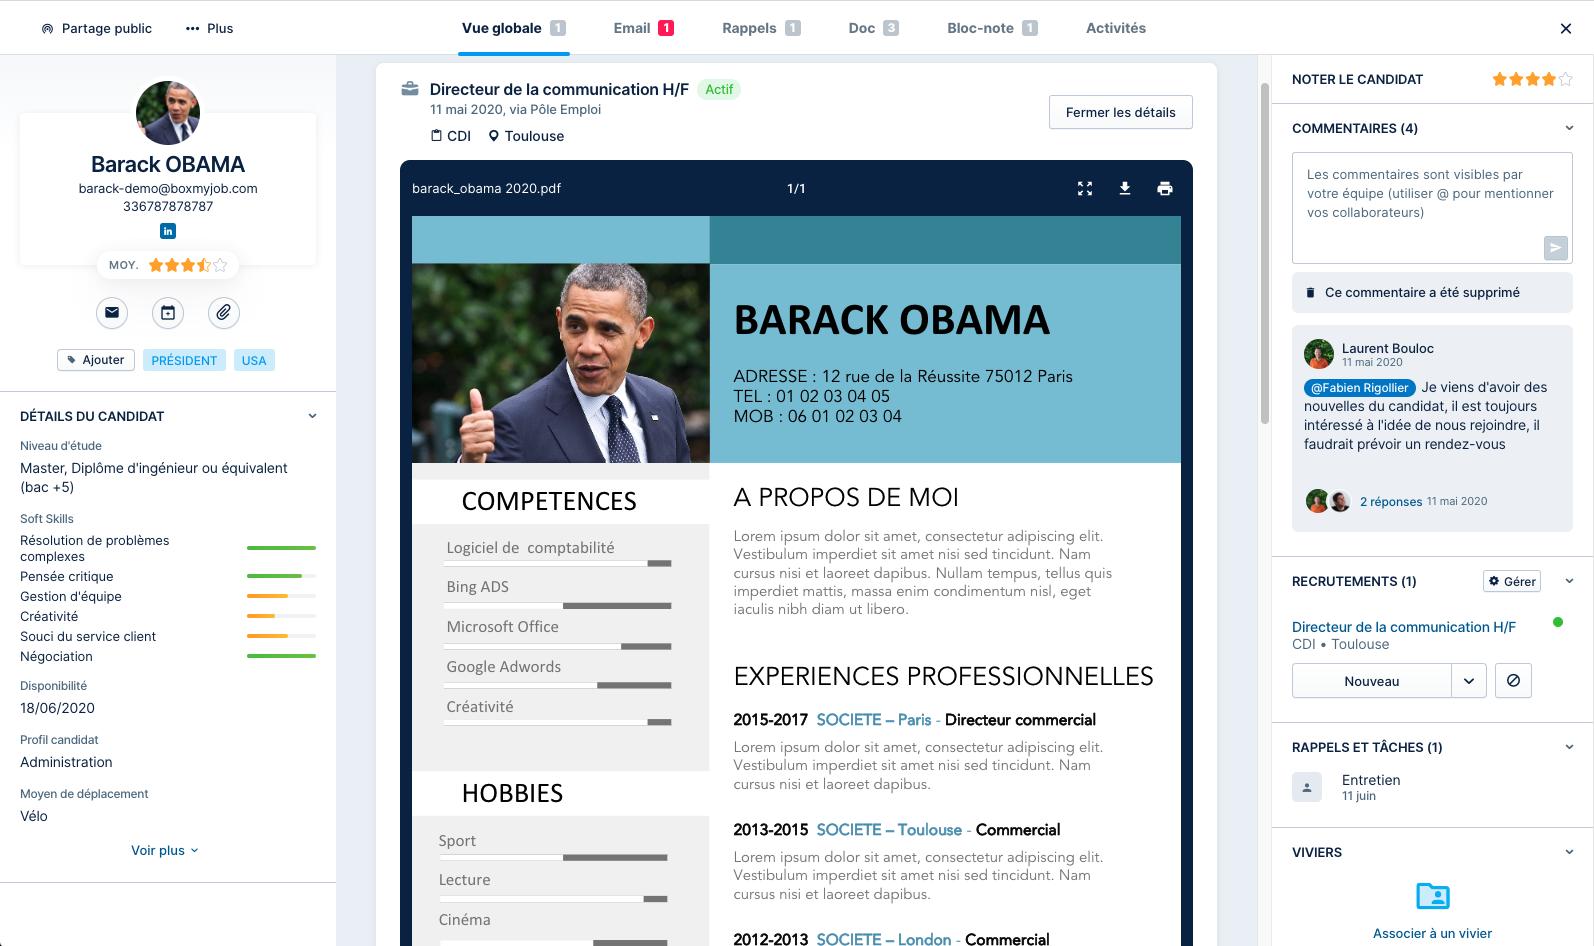 Profil de poste : Fiche candidat dans le logiciel de recrutement en ligne Taleez ATS